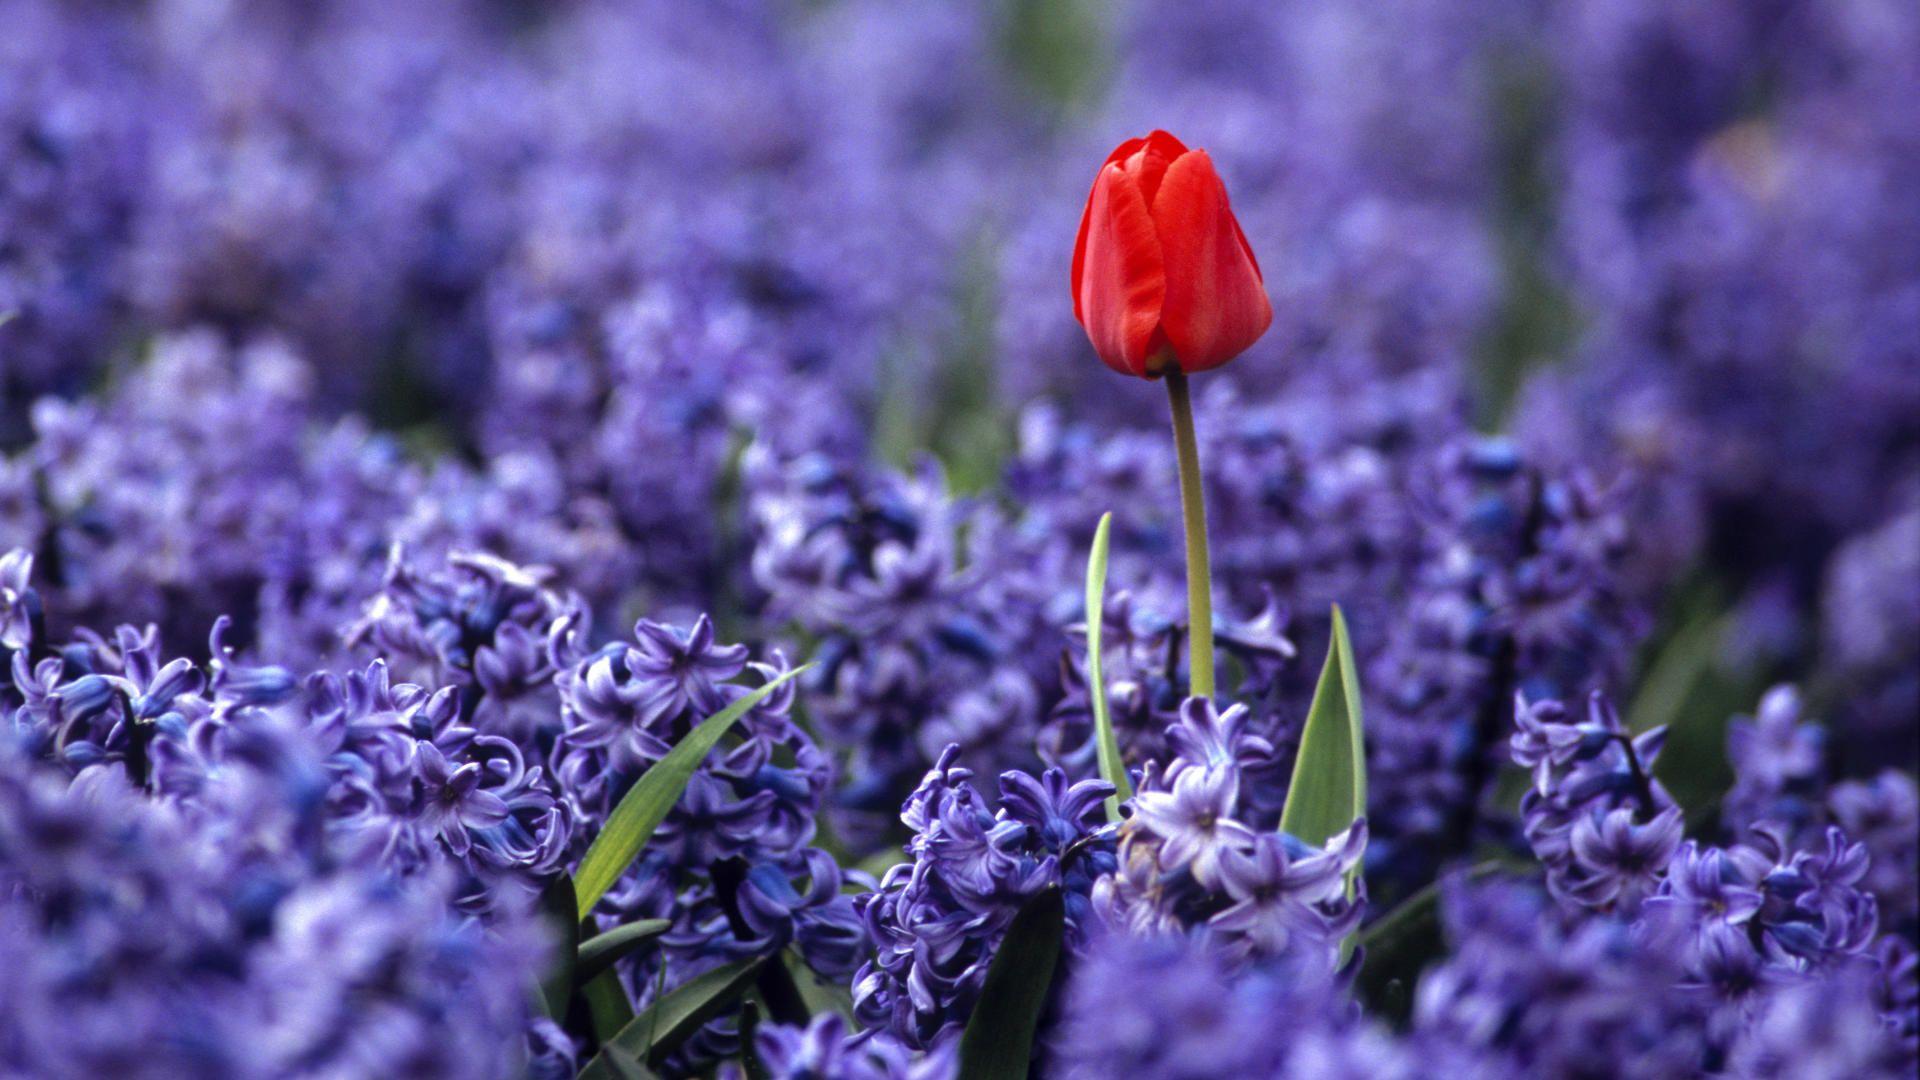 Holland Beautiful Flowers Garden Beautiful Flowers Purple Flowers